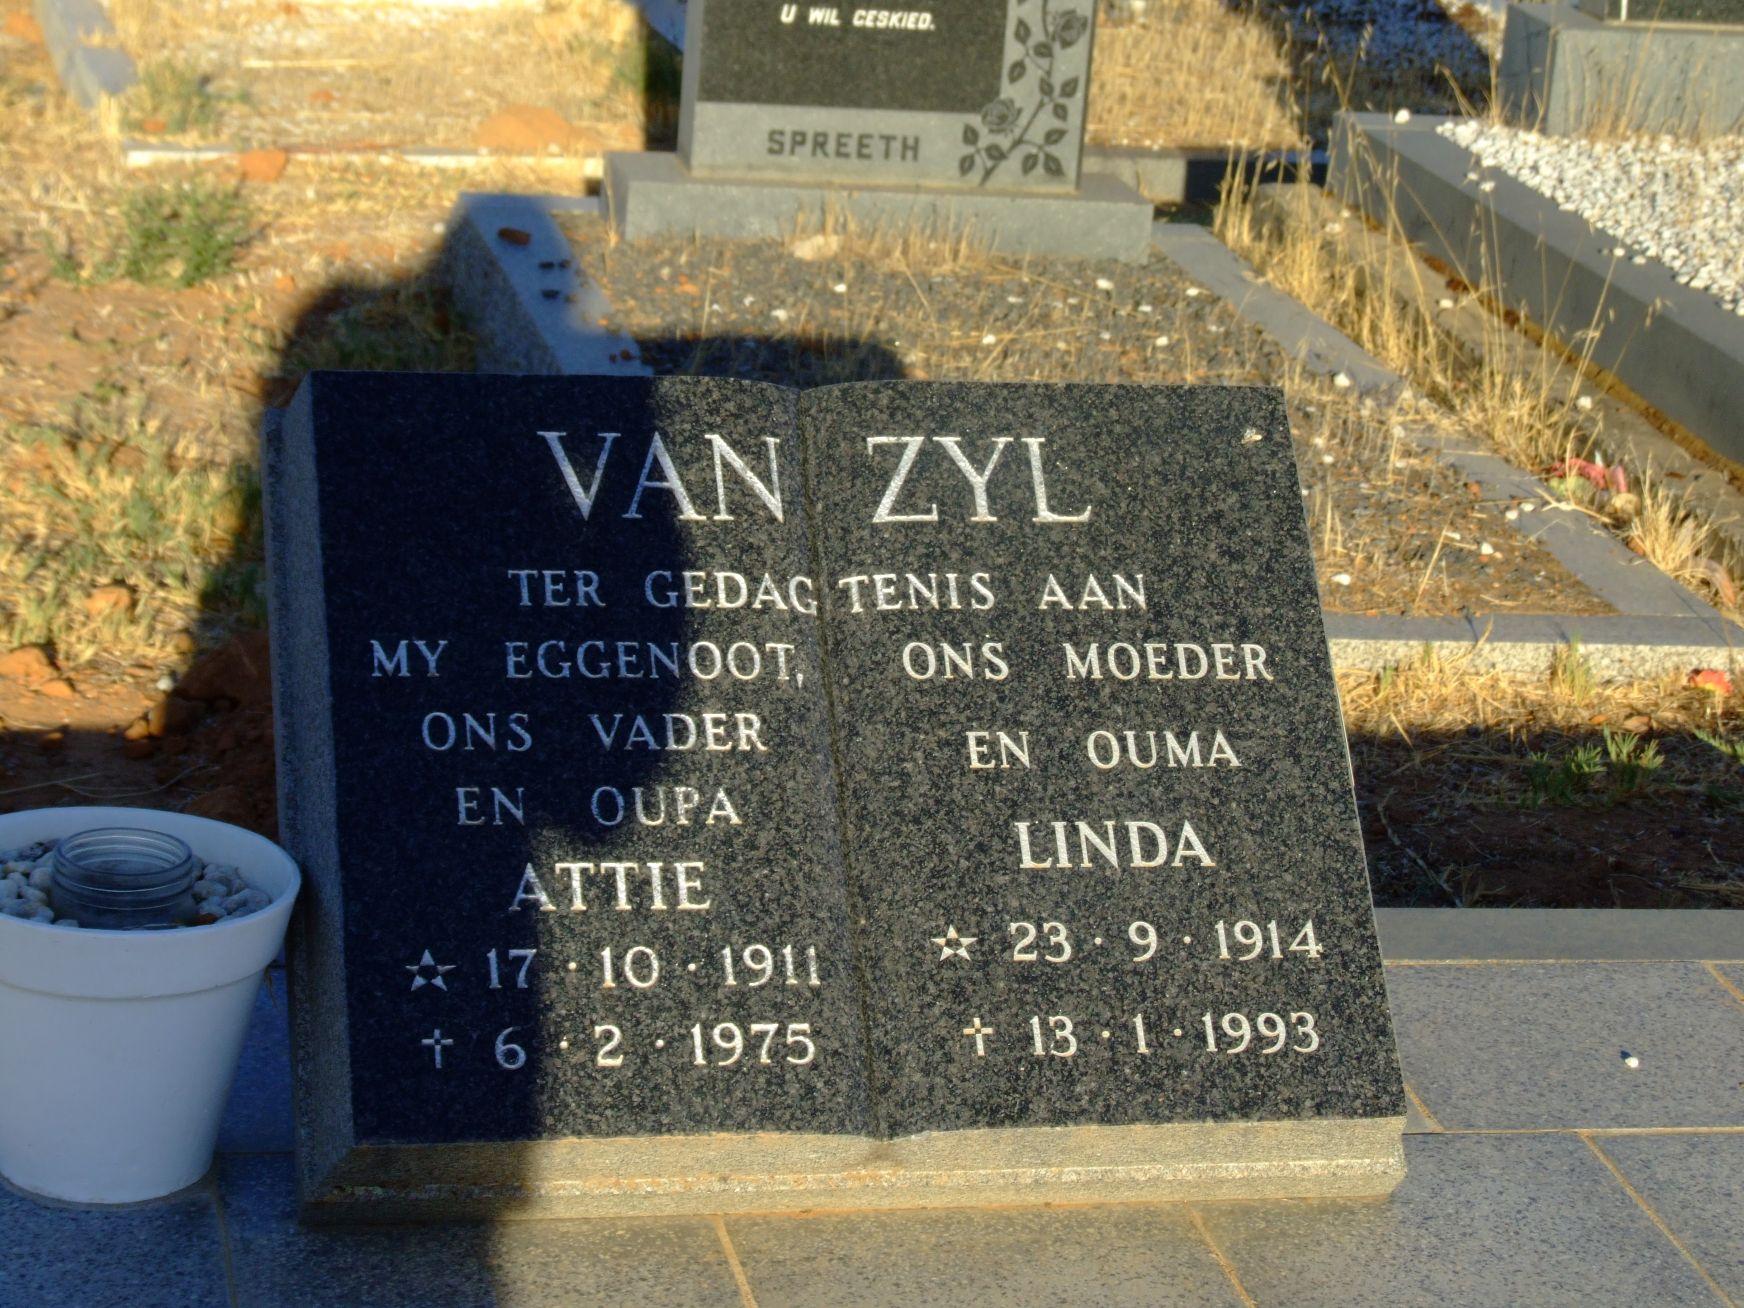 Van Zyl, Attie and Linda